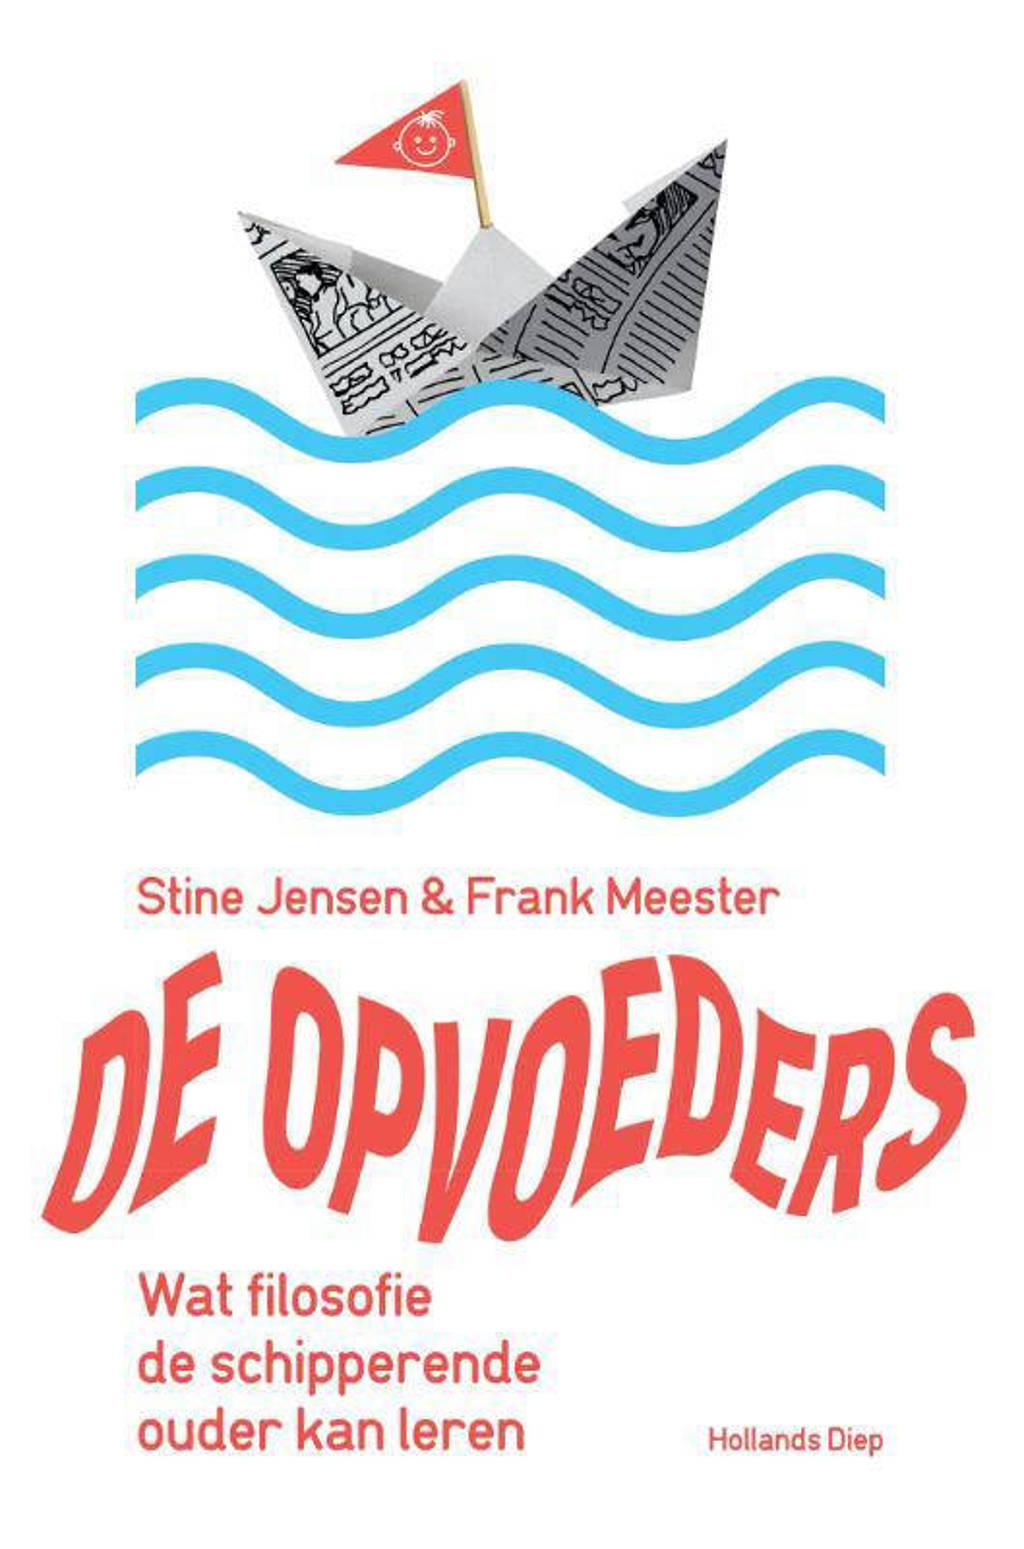 De opvoeders - Stine Jensen en Frank Meester